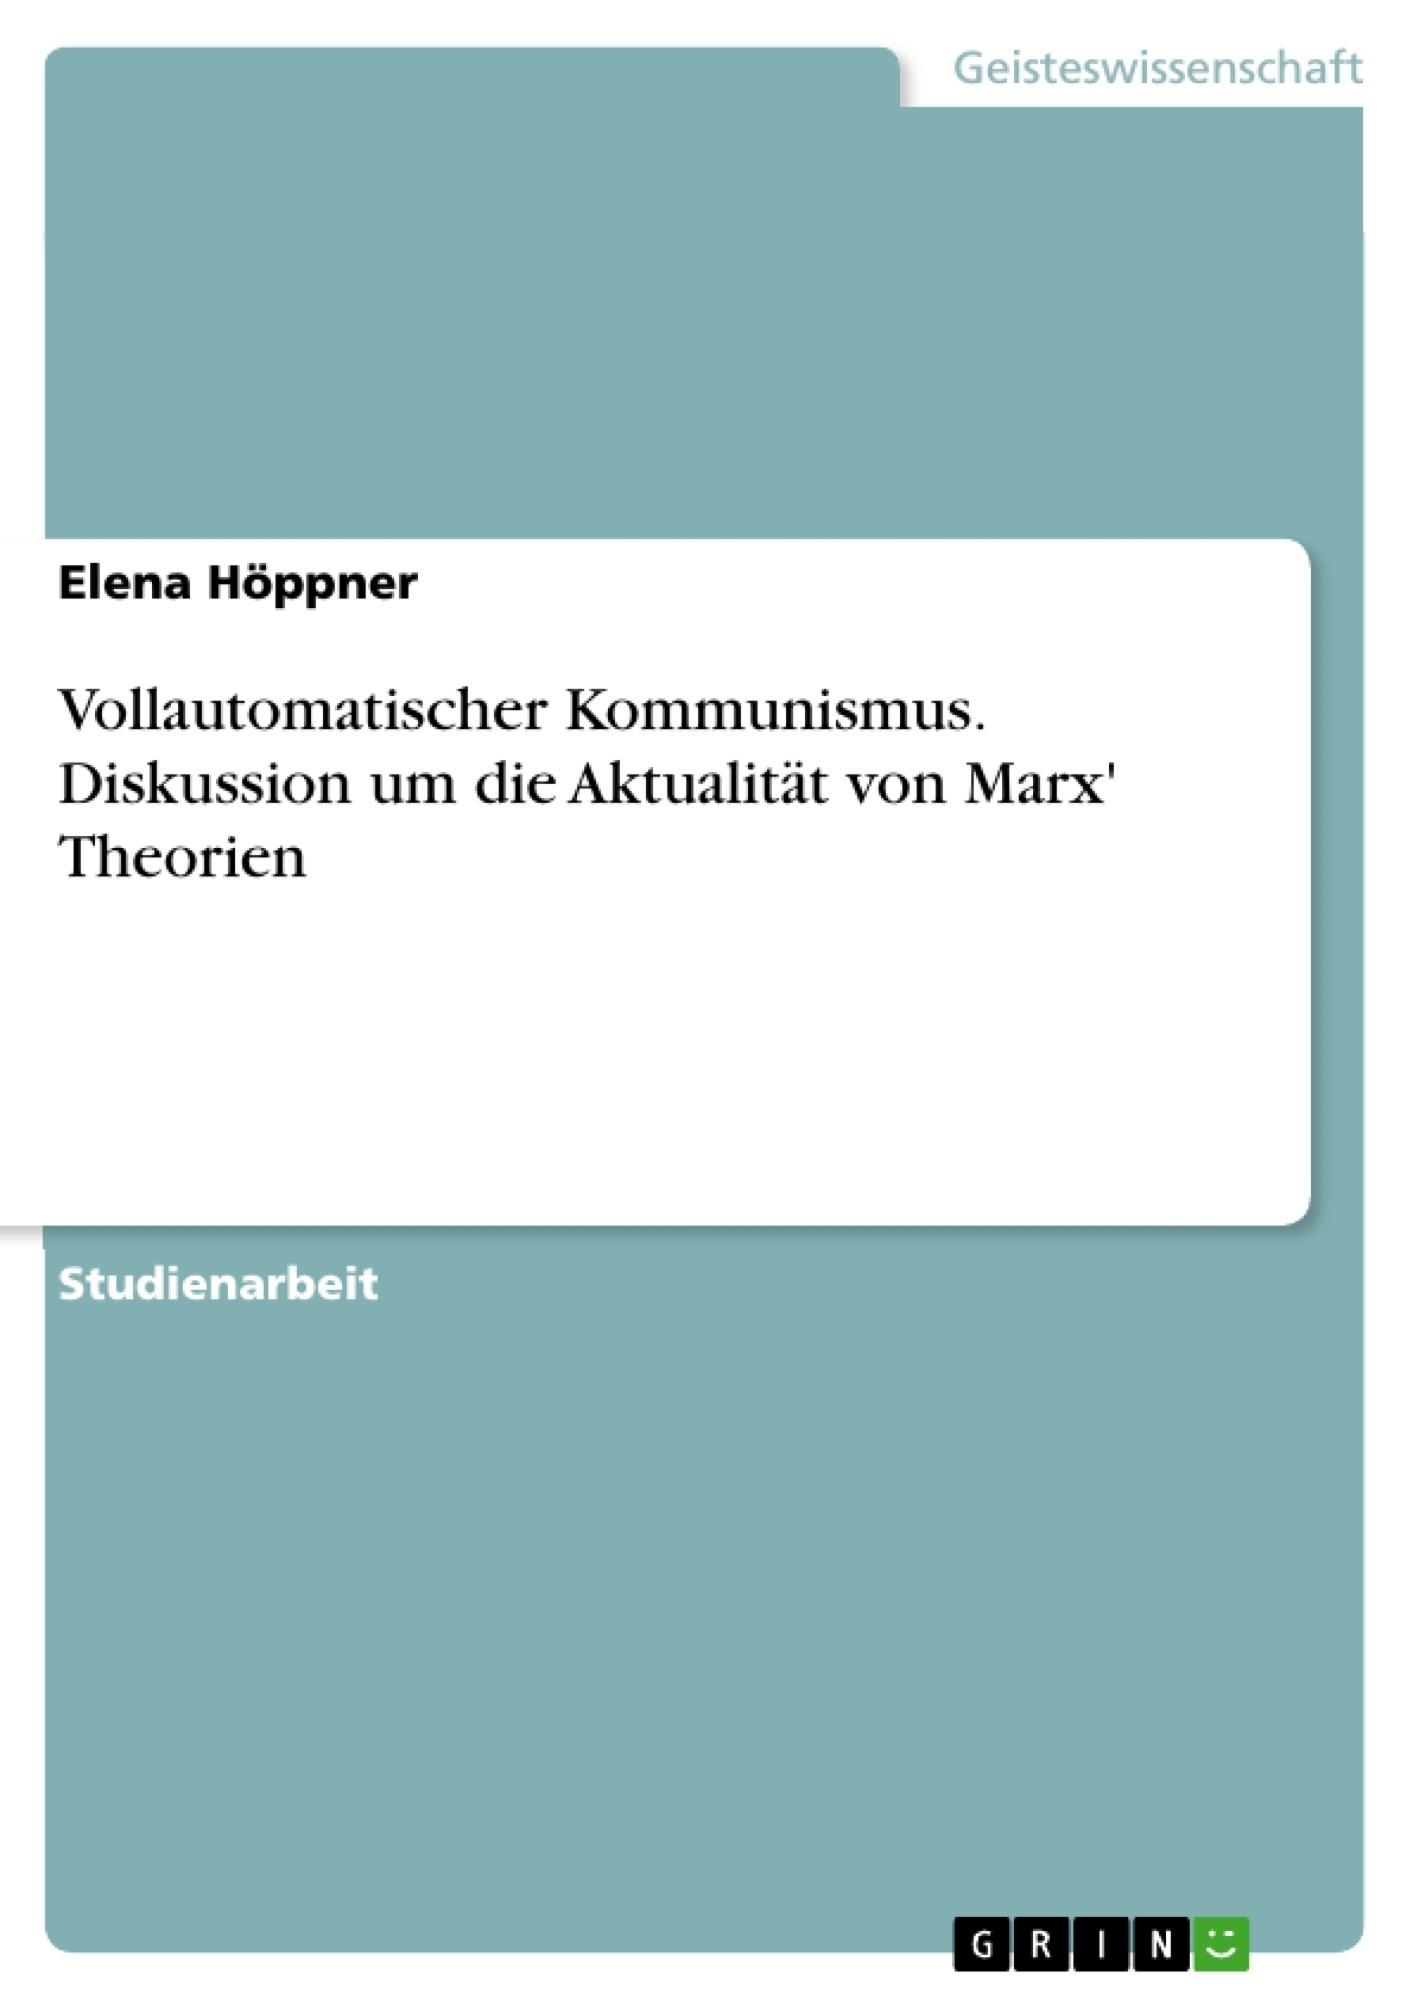 Titel: Vollautomatischer Kommunismus. Diskussion um die Aktualität von Marx' Theorien